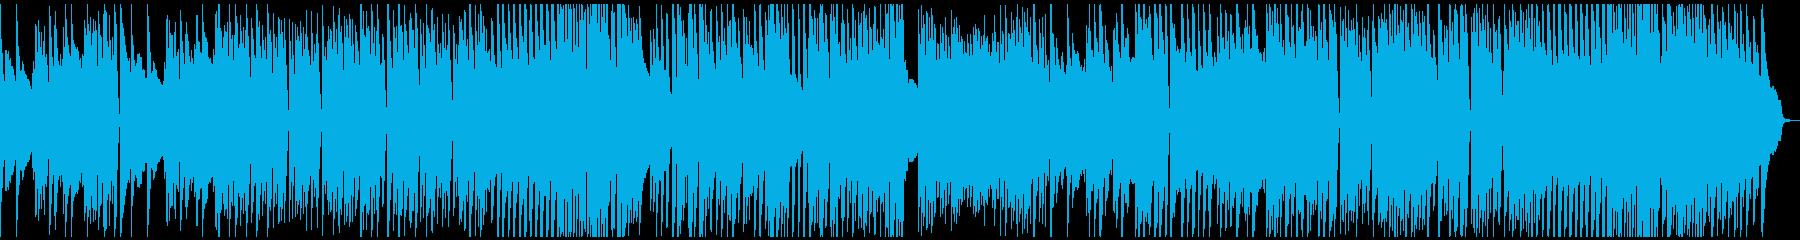 物悲しい、クラシカルなワルツの再生済みの波形